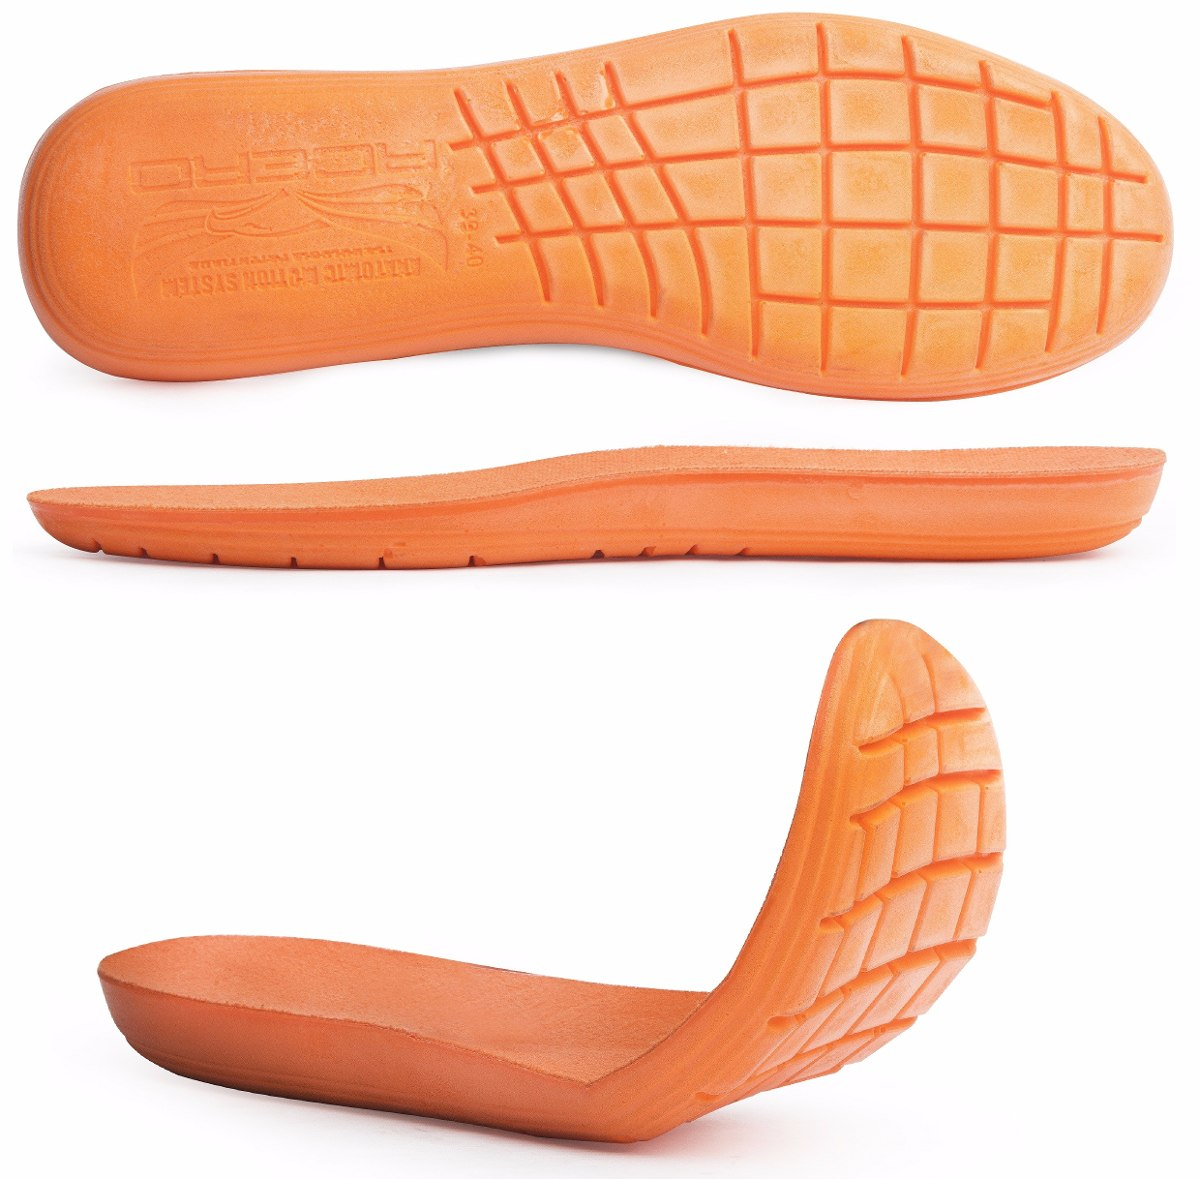 5d5e405094 kit 4 pares palmilha gel laranja macia altura anatômica. Carregando zoom.